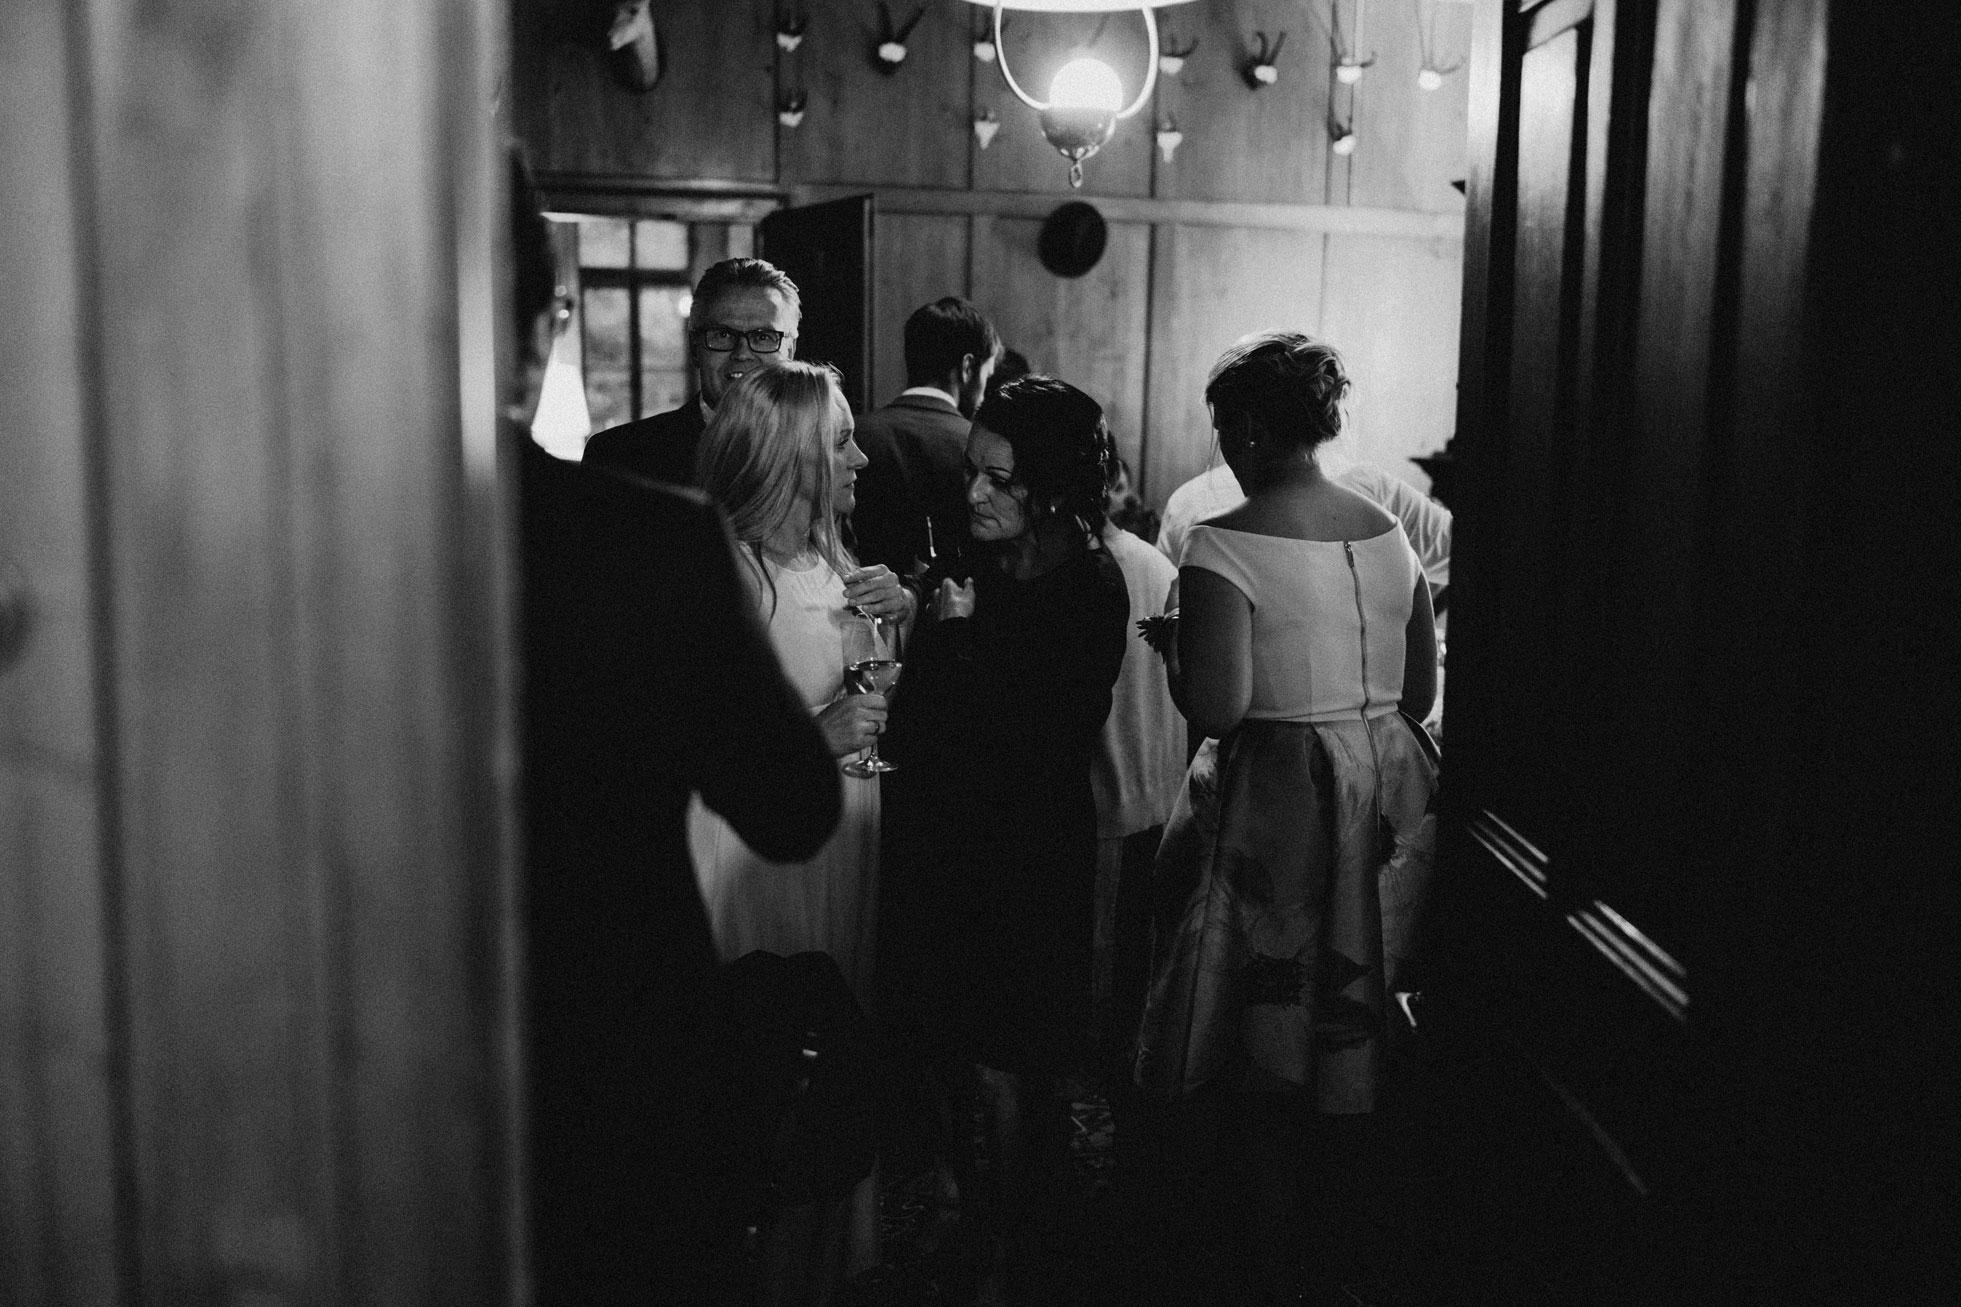 Hochzeit_Claire_Manuel_Villa_Maund_Daniel_Jenny-509.jpg